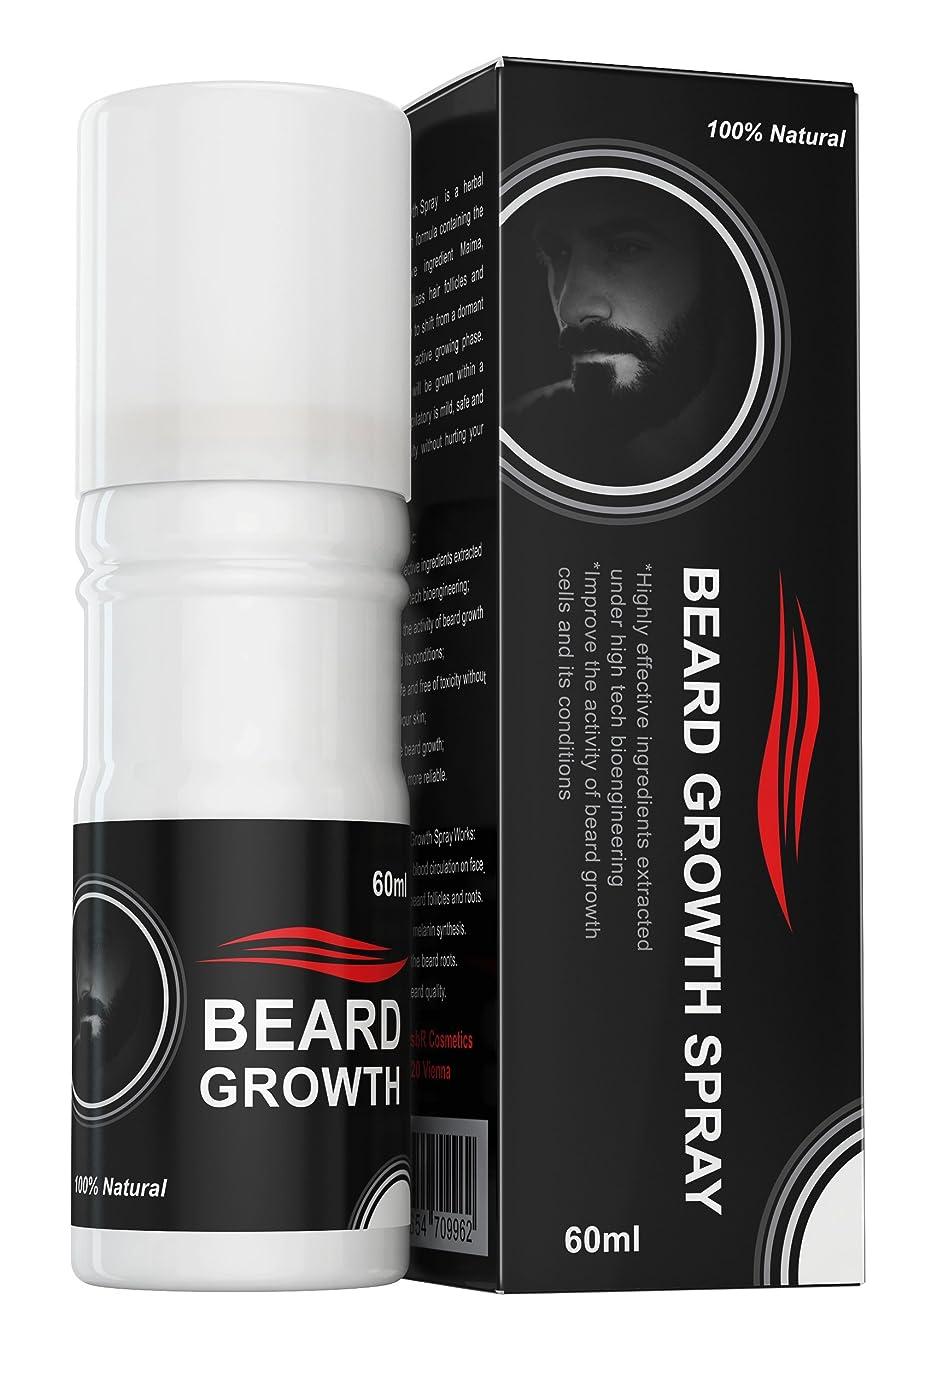 口径ダルセット美徳Beard Growth Spray?(ベアードグロースプレー?)- ヒゲの育毛剤 - 100%天然成分使用